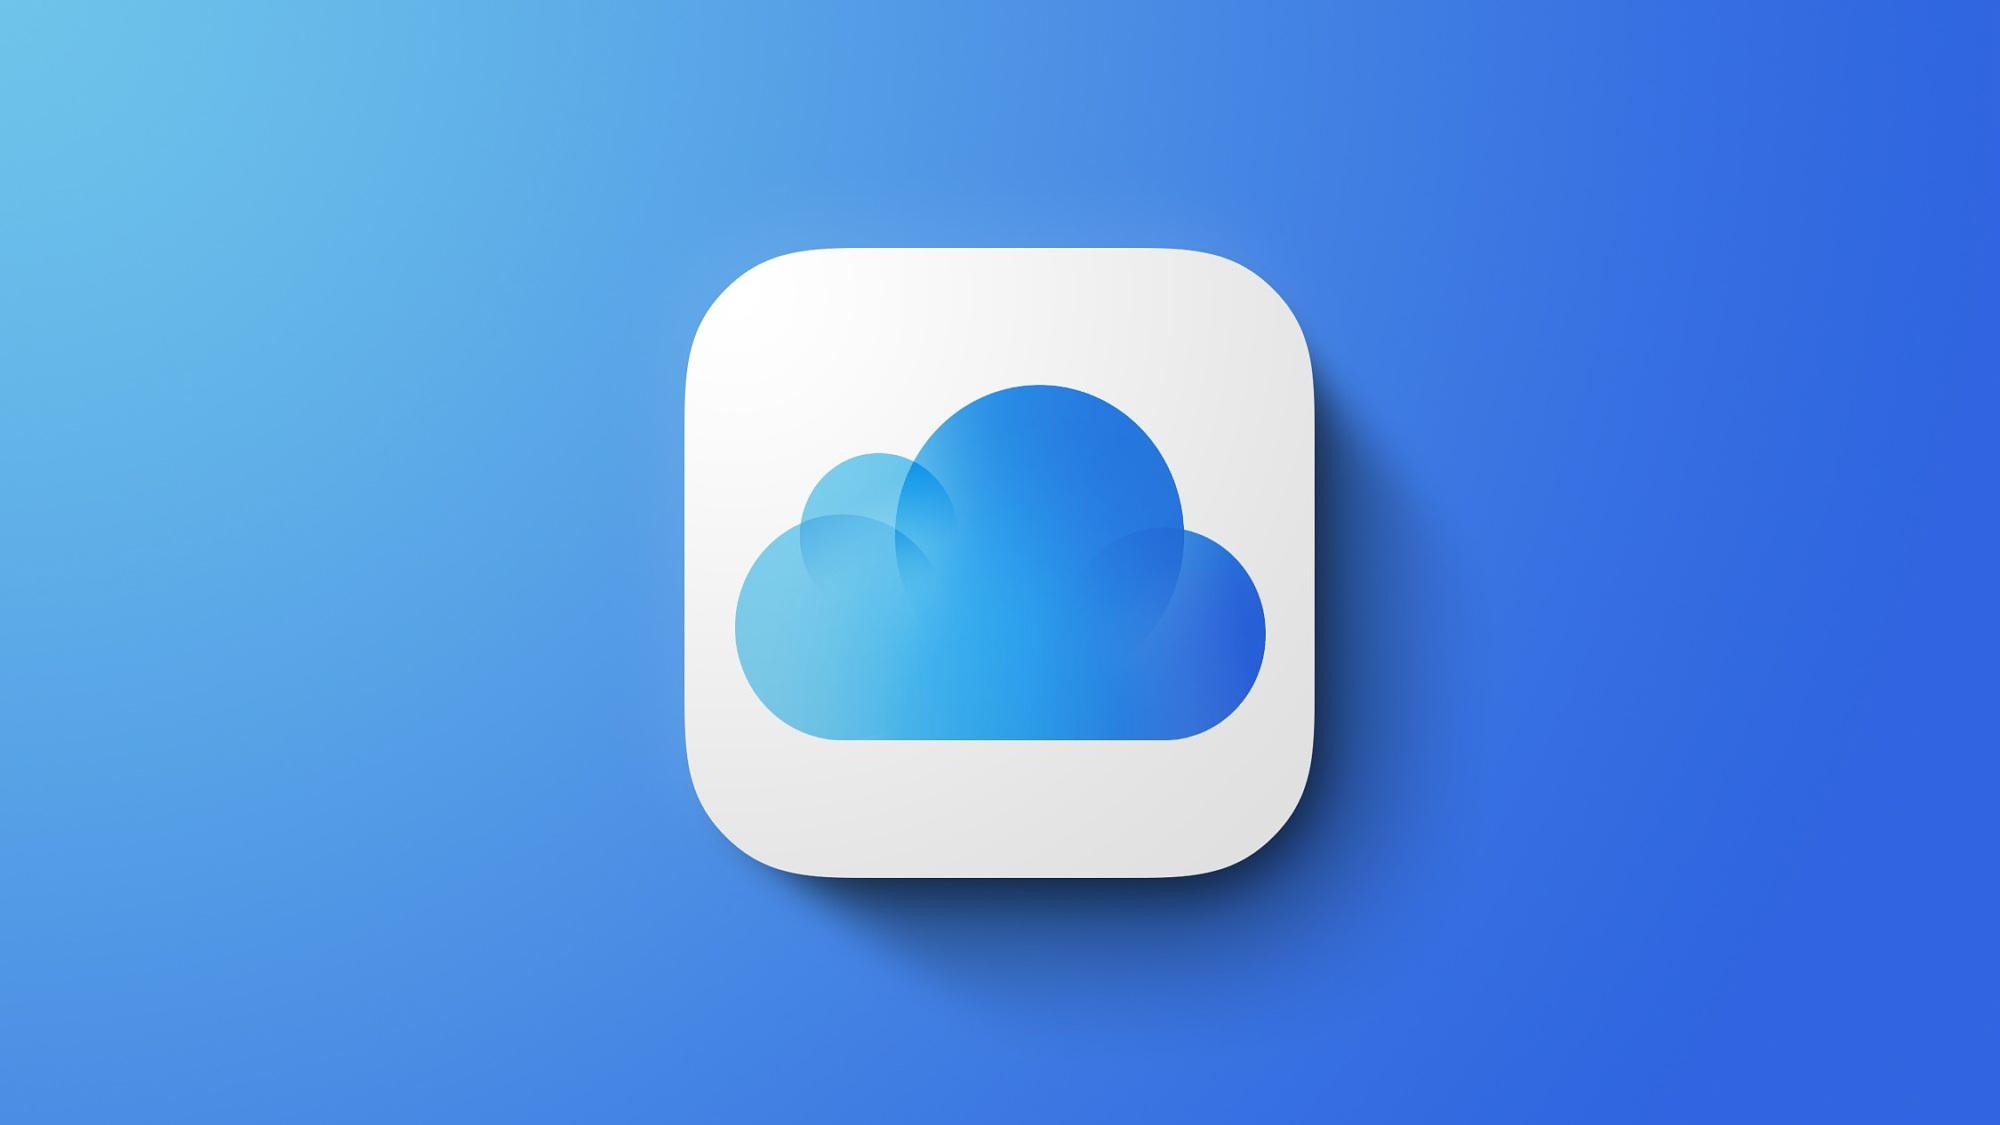 اپل از سرورهای گوگل برای ذخیره ۸ میلیون ترابایت داده iCloud استفاده میکند